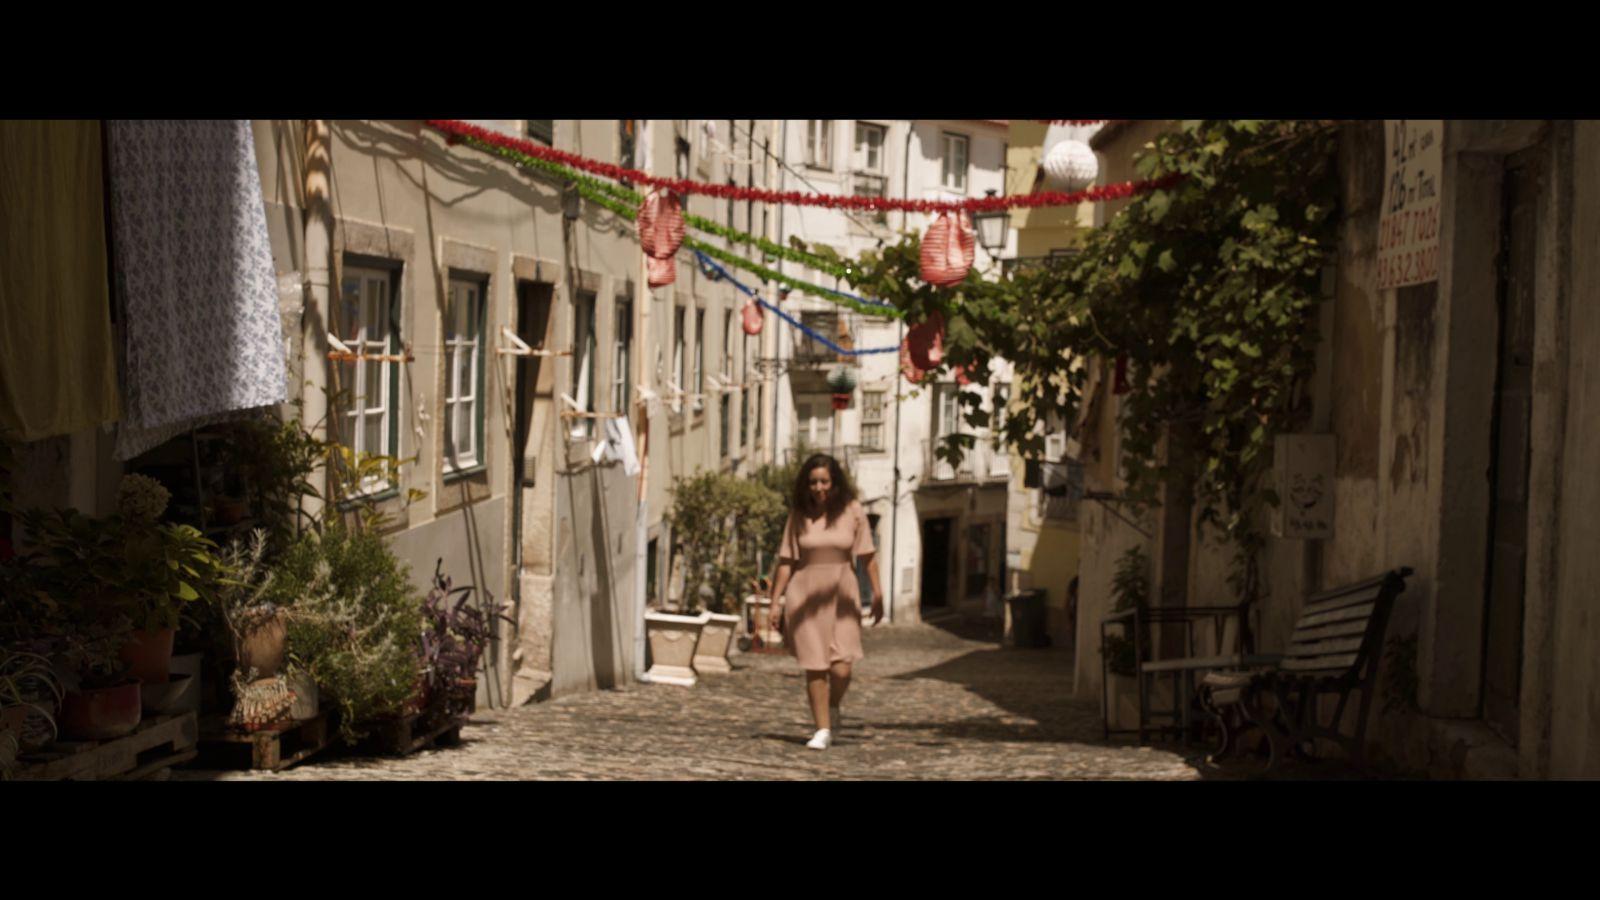 Rua da Lua-cornerstudio-Video-Clip-Music_6